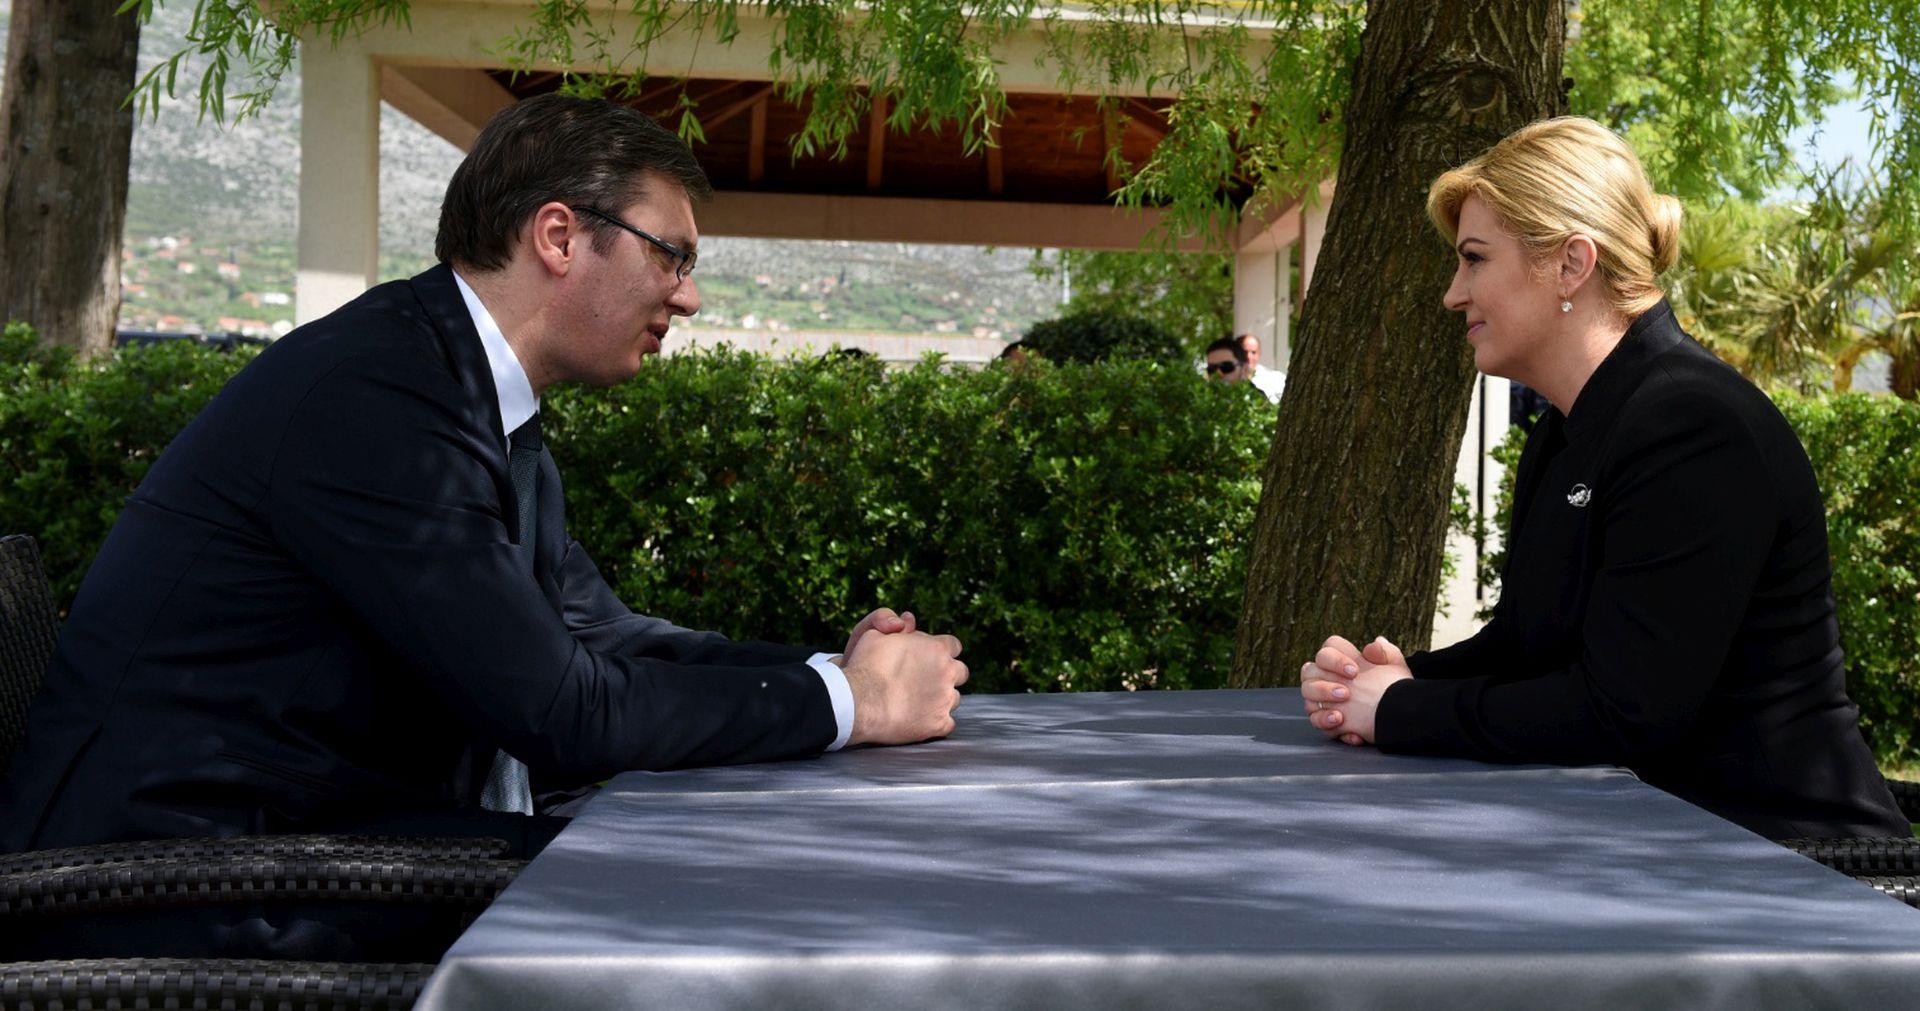 POTPISIVANJE DEKLARACIJE: Grabar-Kitarović i Vučić u ponedjeljak dižu odnose na novu razinu